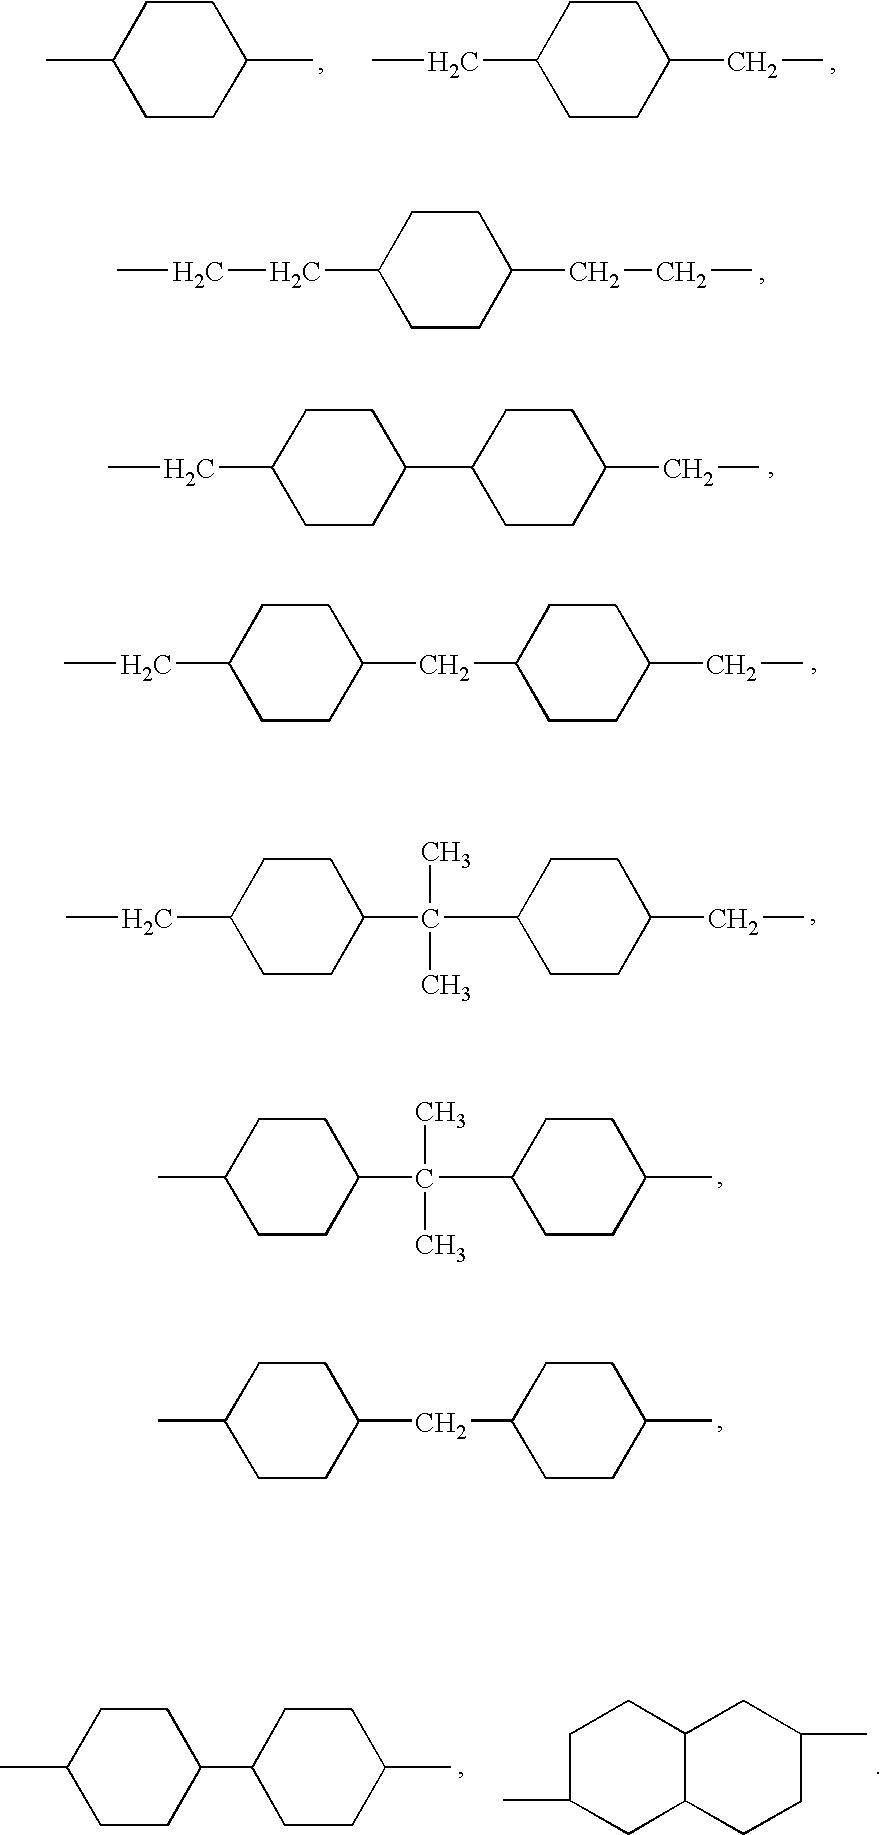 Figure US20040253402A1-20041216-C00004